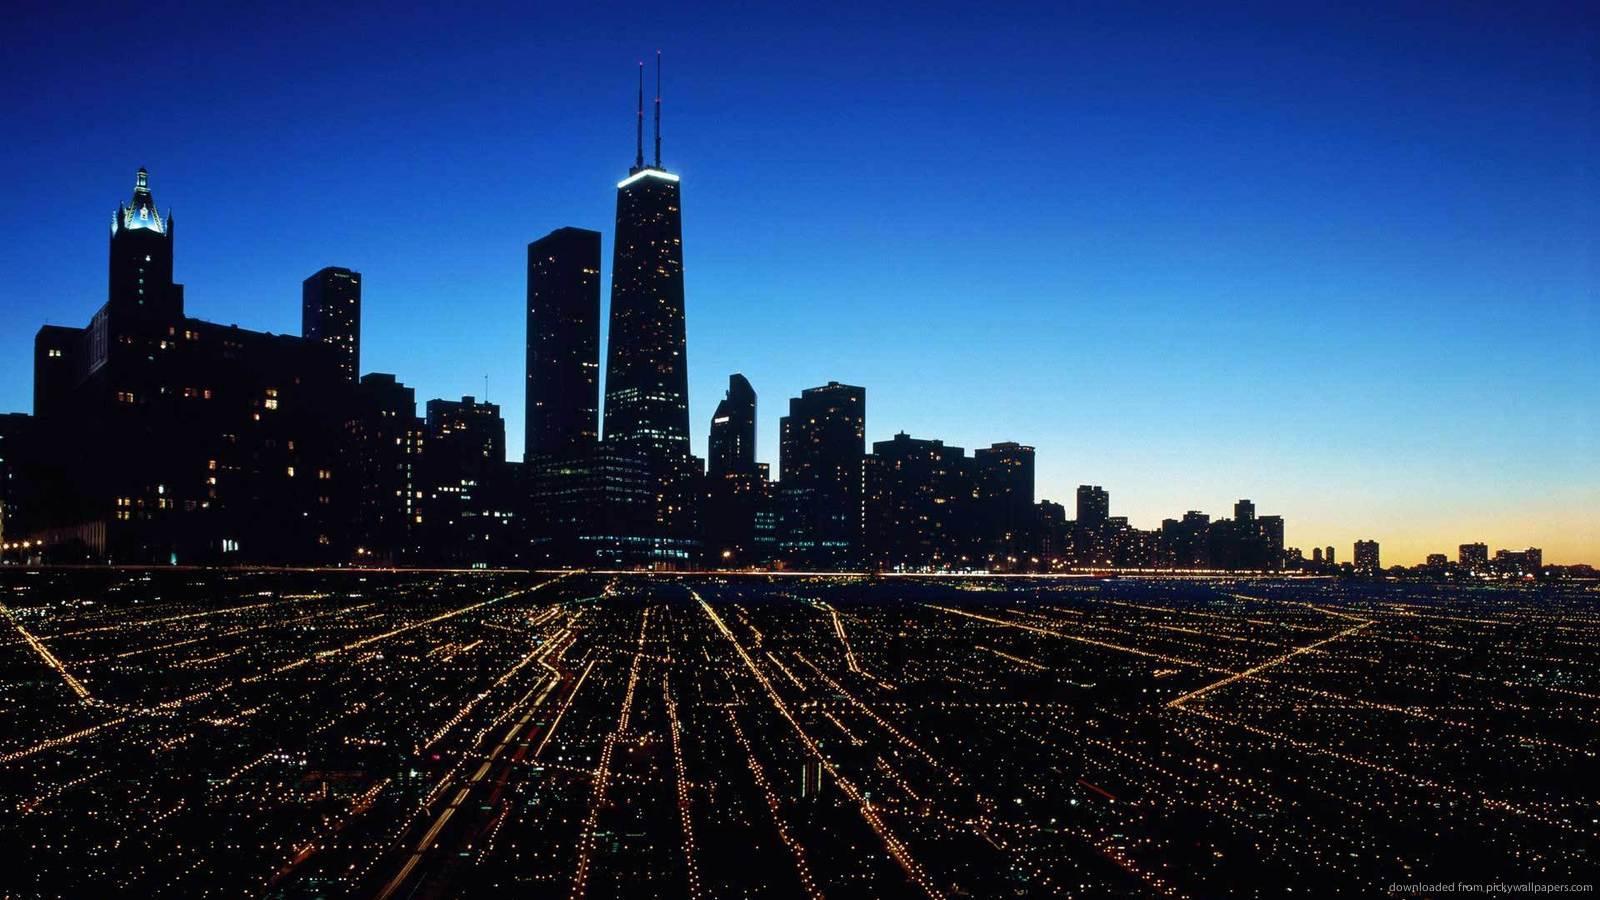 big-city-suburbian-night